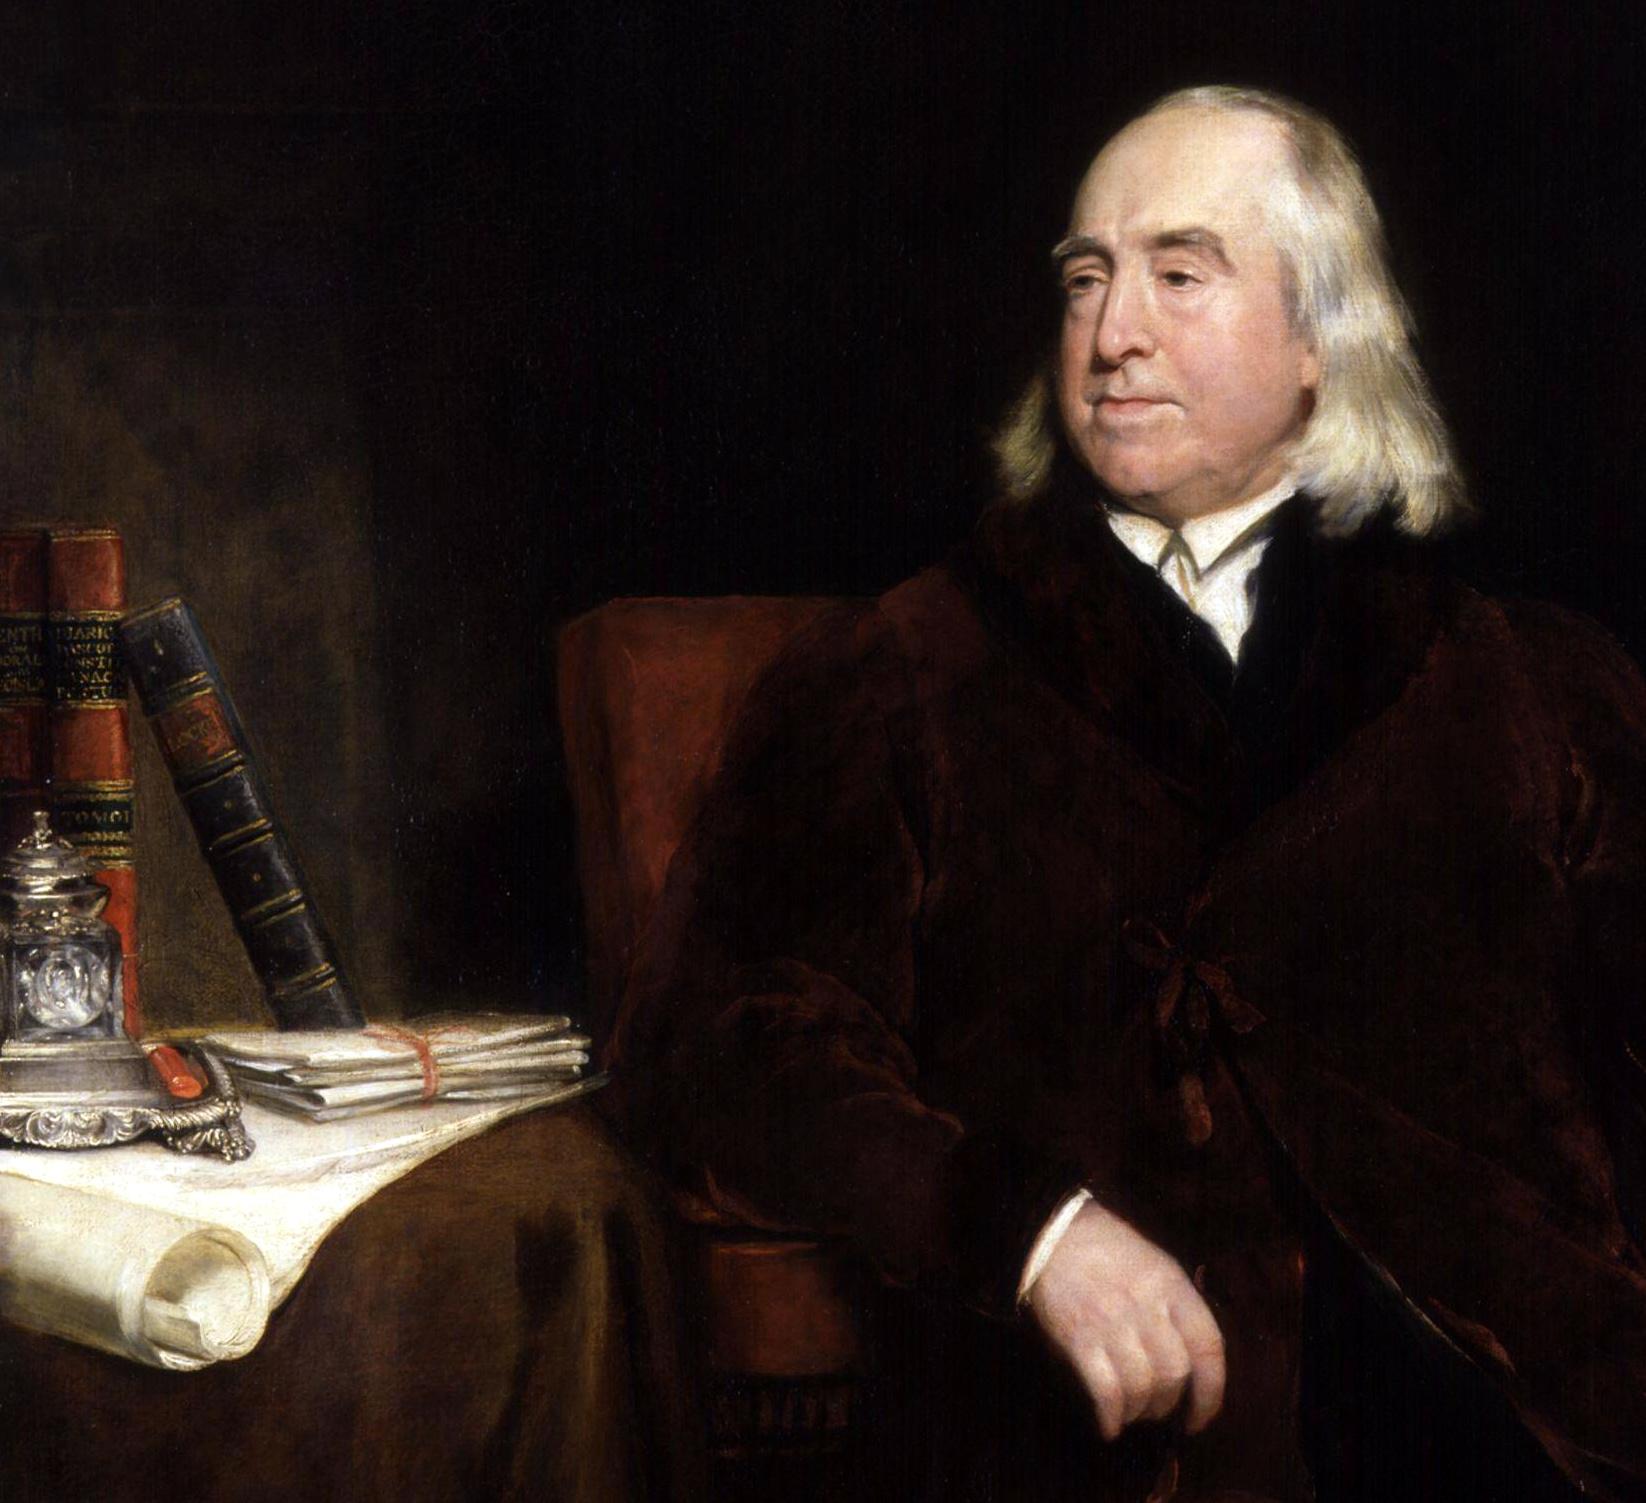 Vivant dans la mort : l'étrange « seconde vie » de Jeremy Bentham